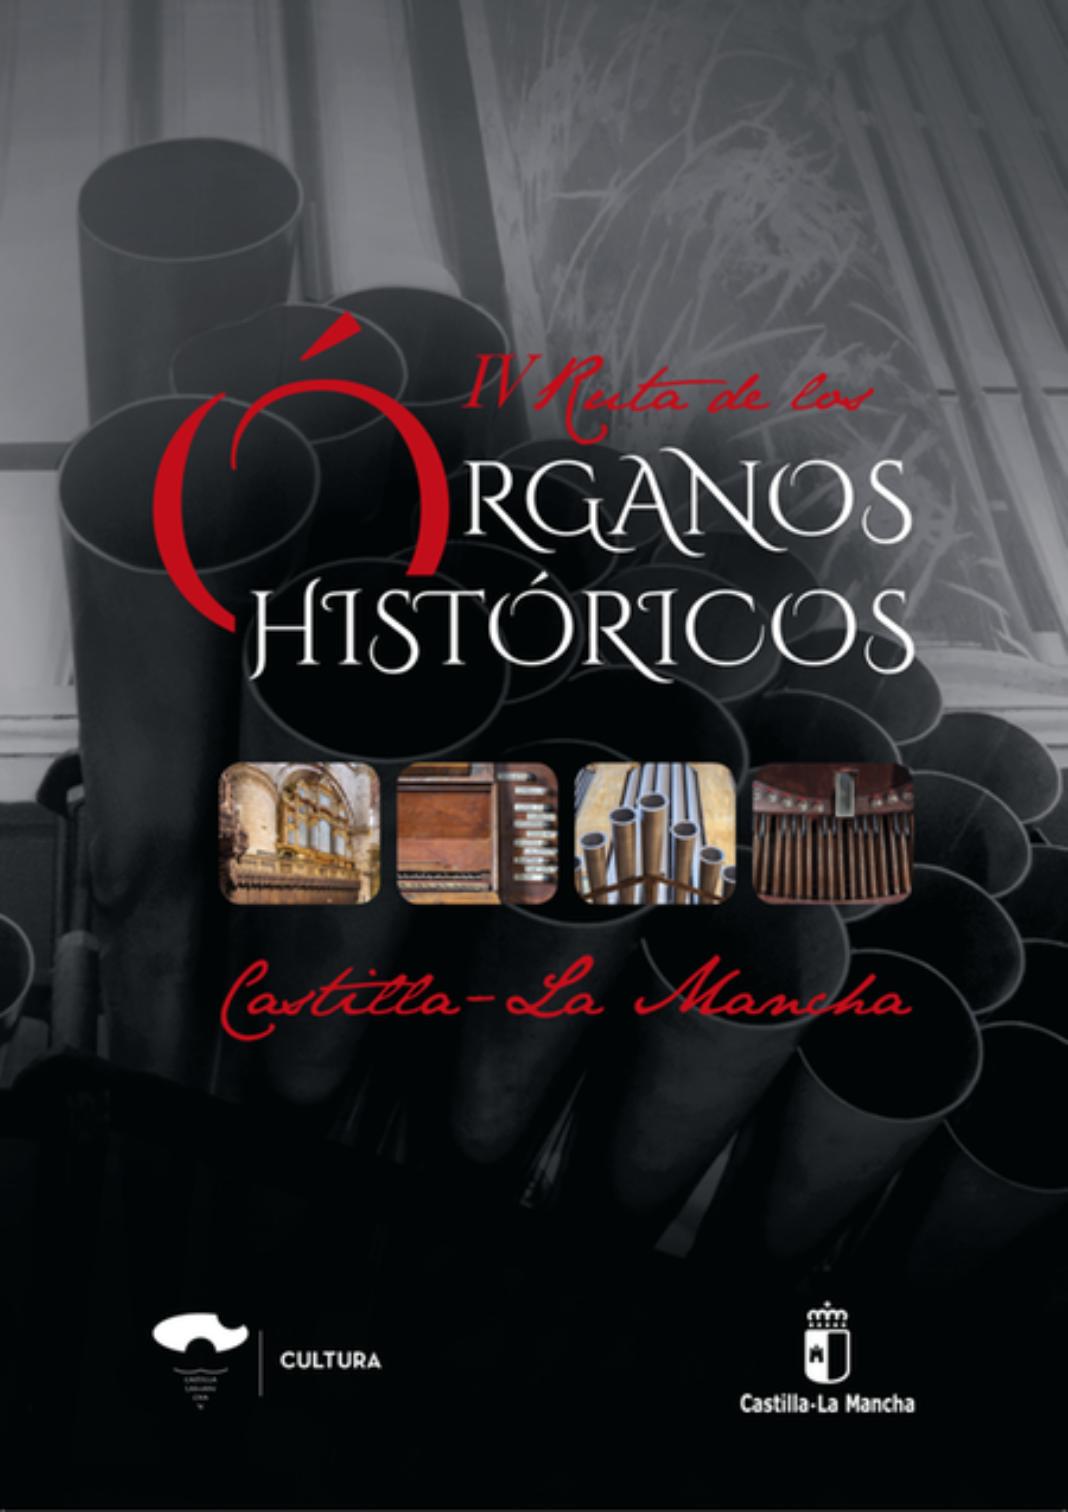 IV Ruta de Organos Historicos de Castilla LA Mancha 1 1068x1512 - Concierto de órgano a cargo del grupo Audi-Filia